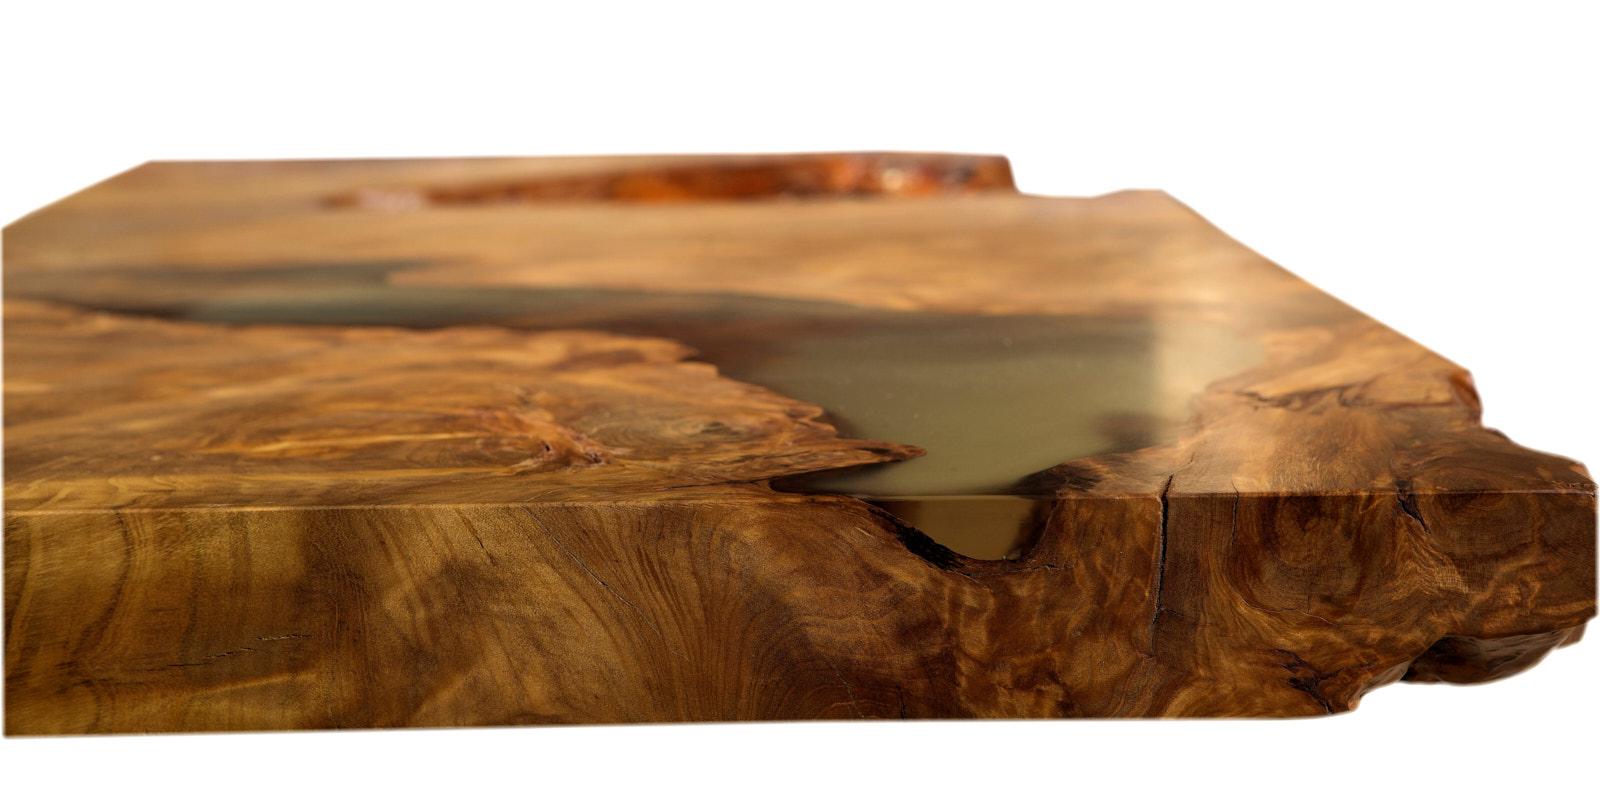 Kunstvolle Kauri Skulptur als außergewöhnliche Tischplatte, Holzkunst im Wurzel Holztisch als Kunstobjekt